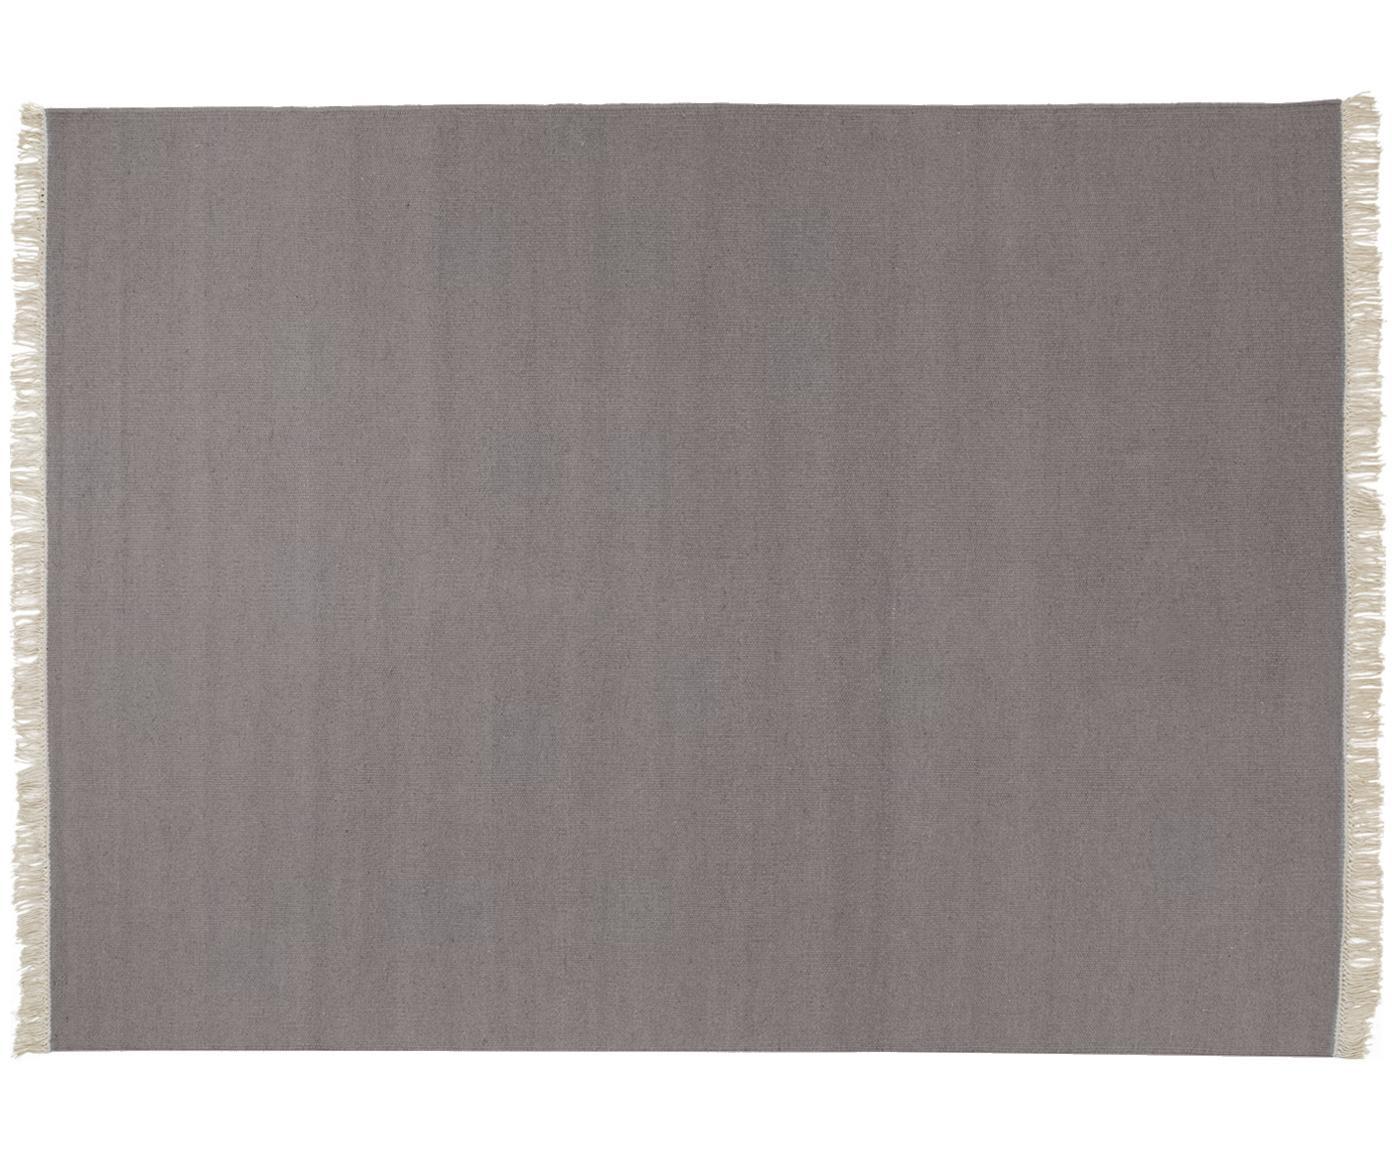 Handgewebter Wollteppich Rainbow in Grau mit Fransen, Flor: 100% Wolle, Hellgrau, B 140 x L 200 cm (Größe S)